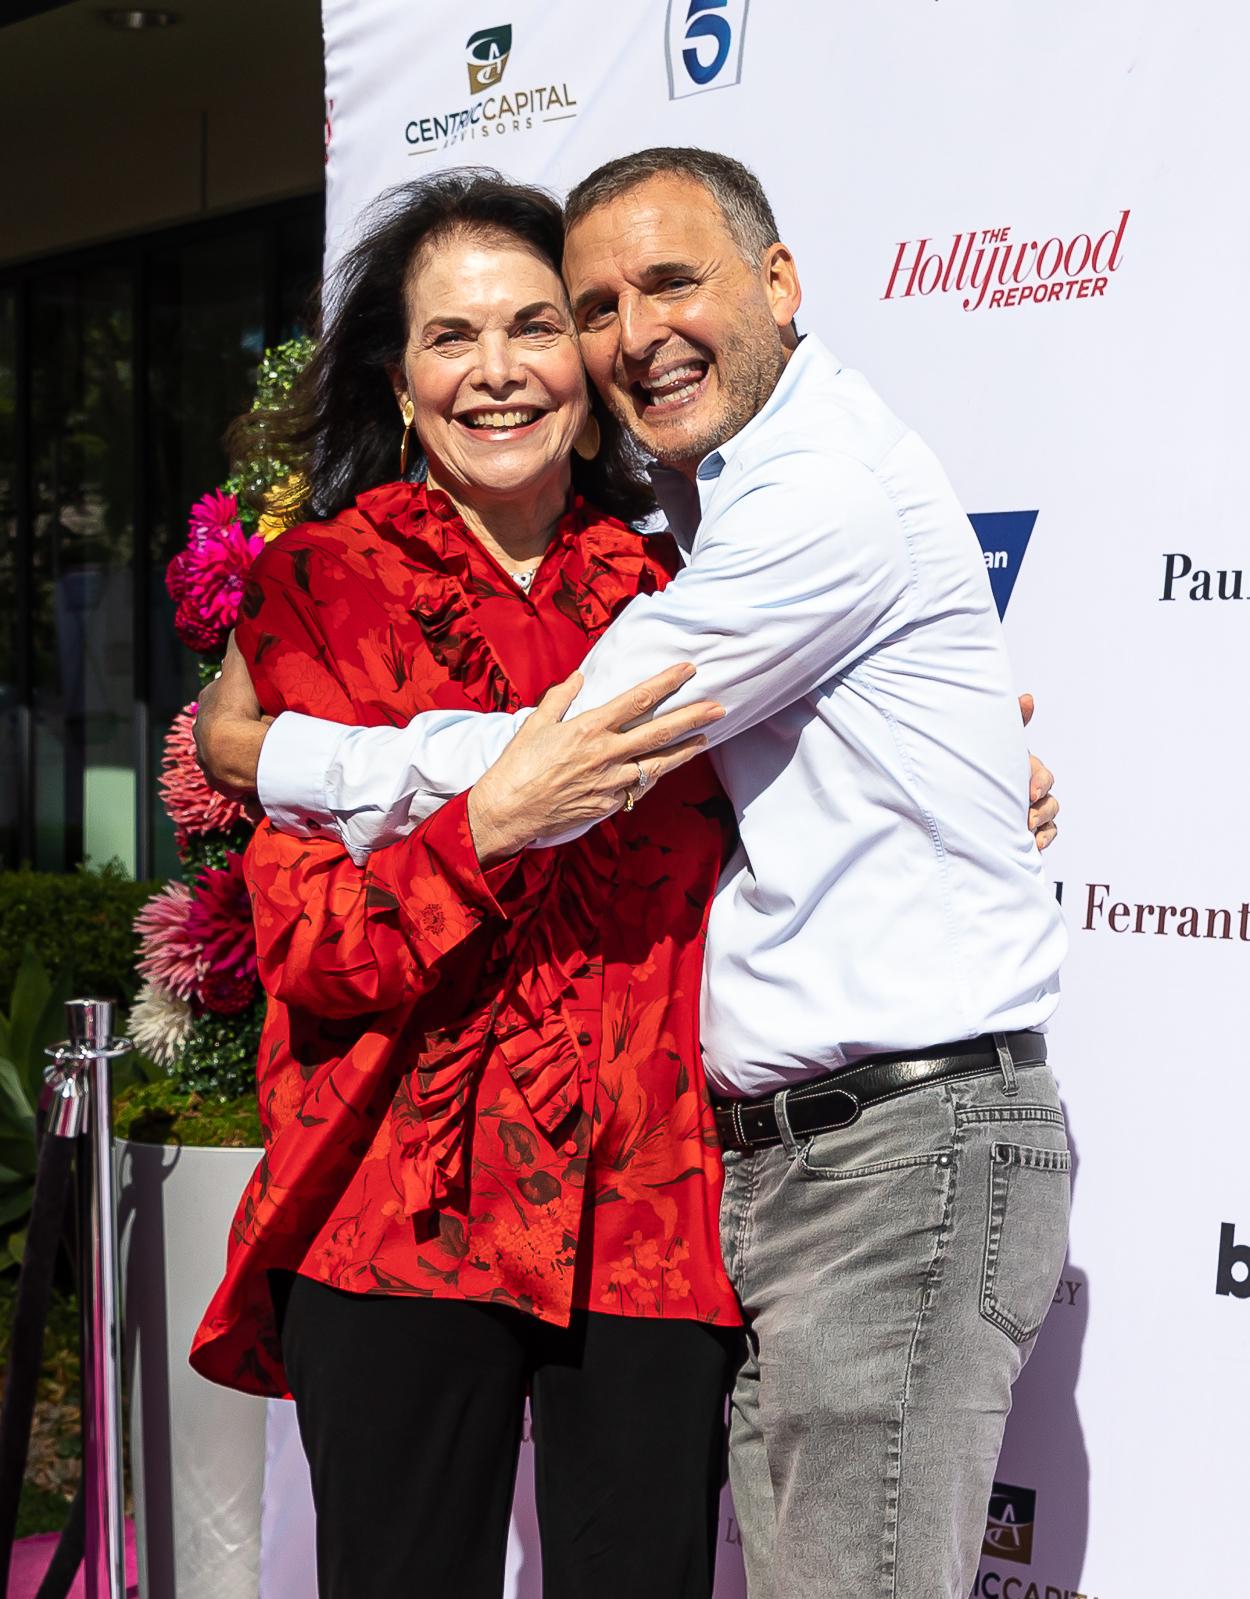 Sherry Lansing and Phil Rosenthal